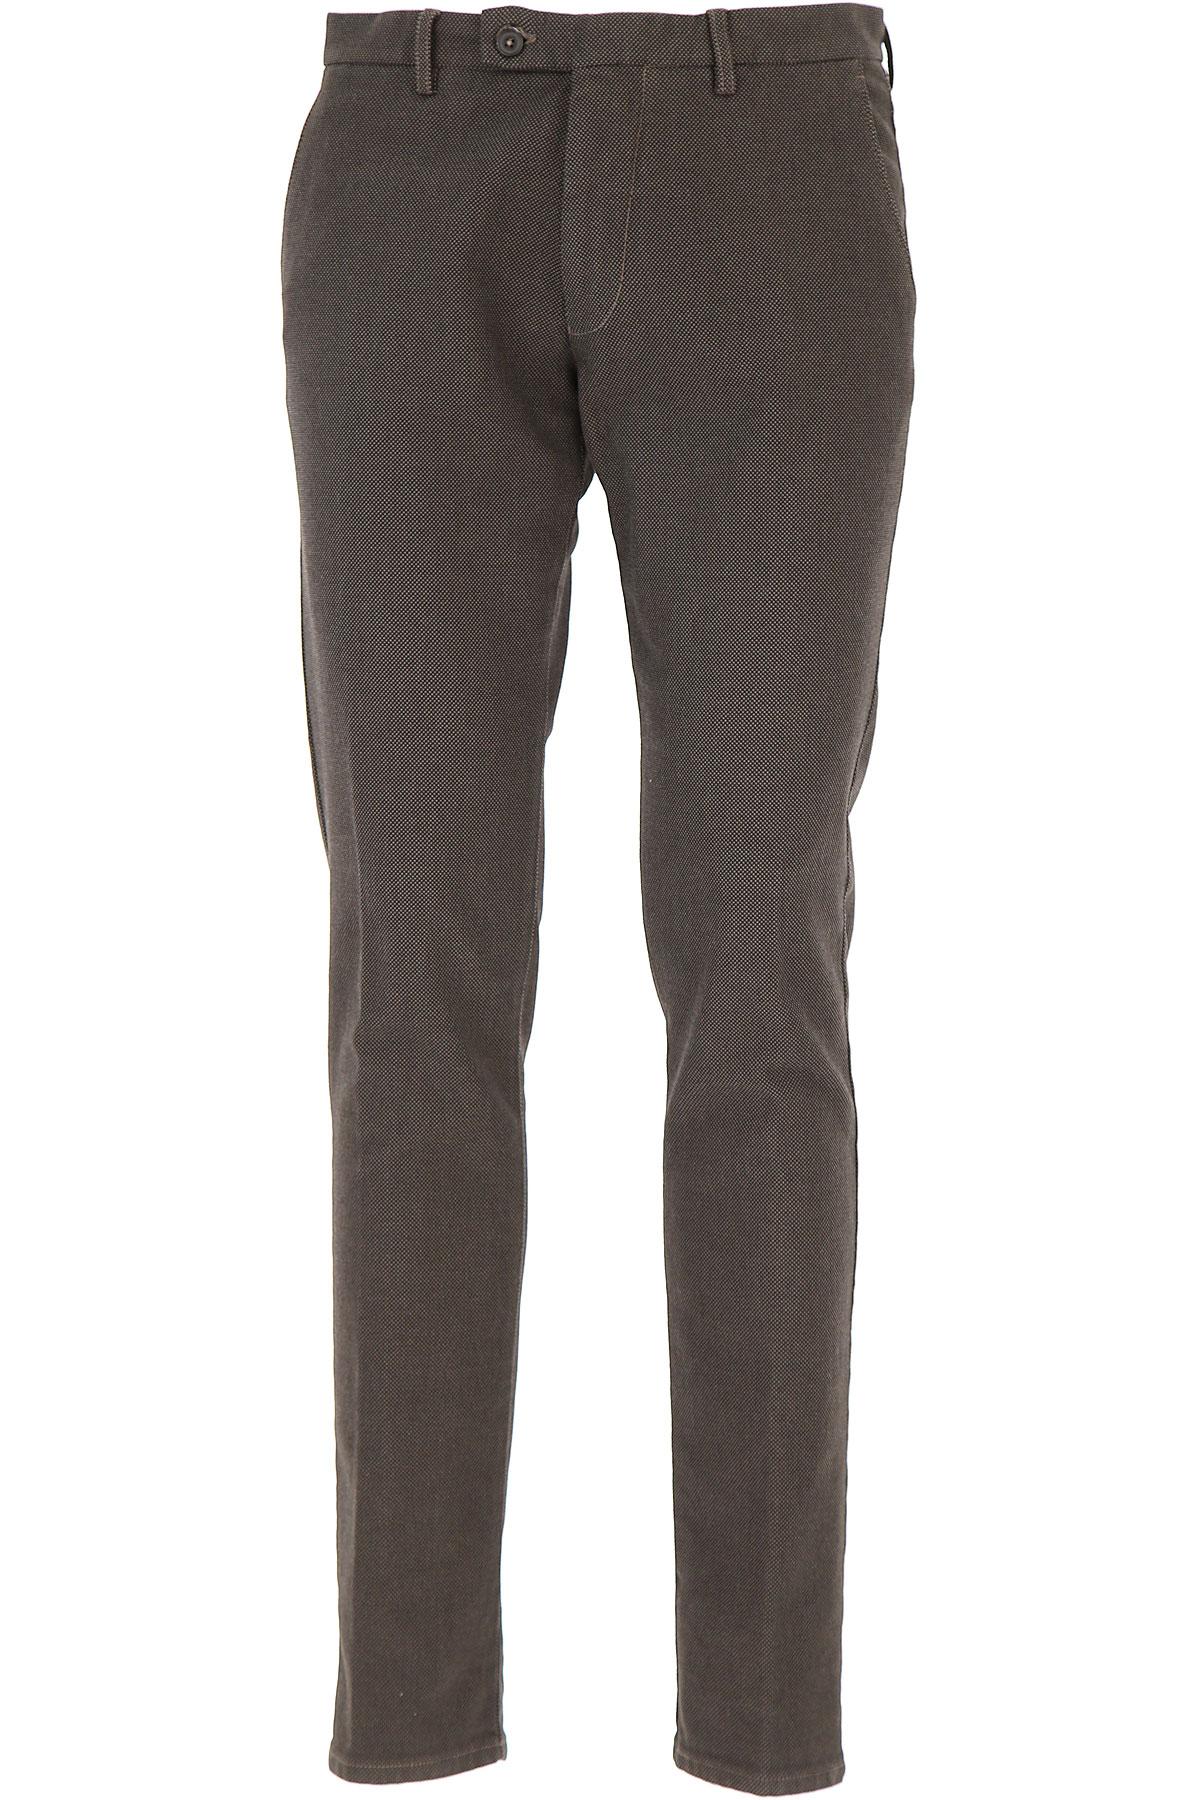 Image of Berwich Pants for Men, Moka, Cotton, 2017, 30 32 34 36 38